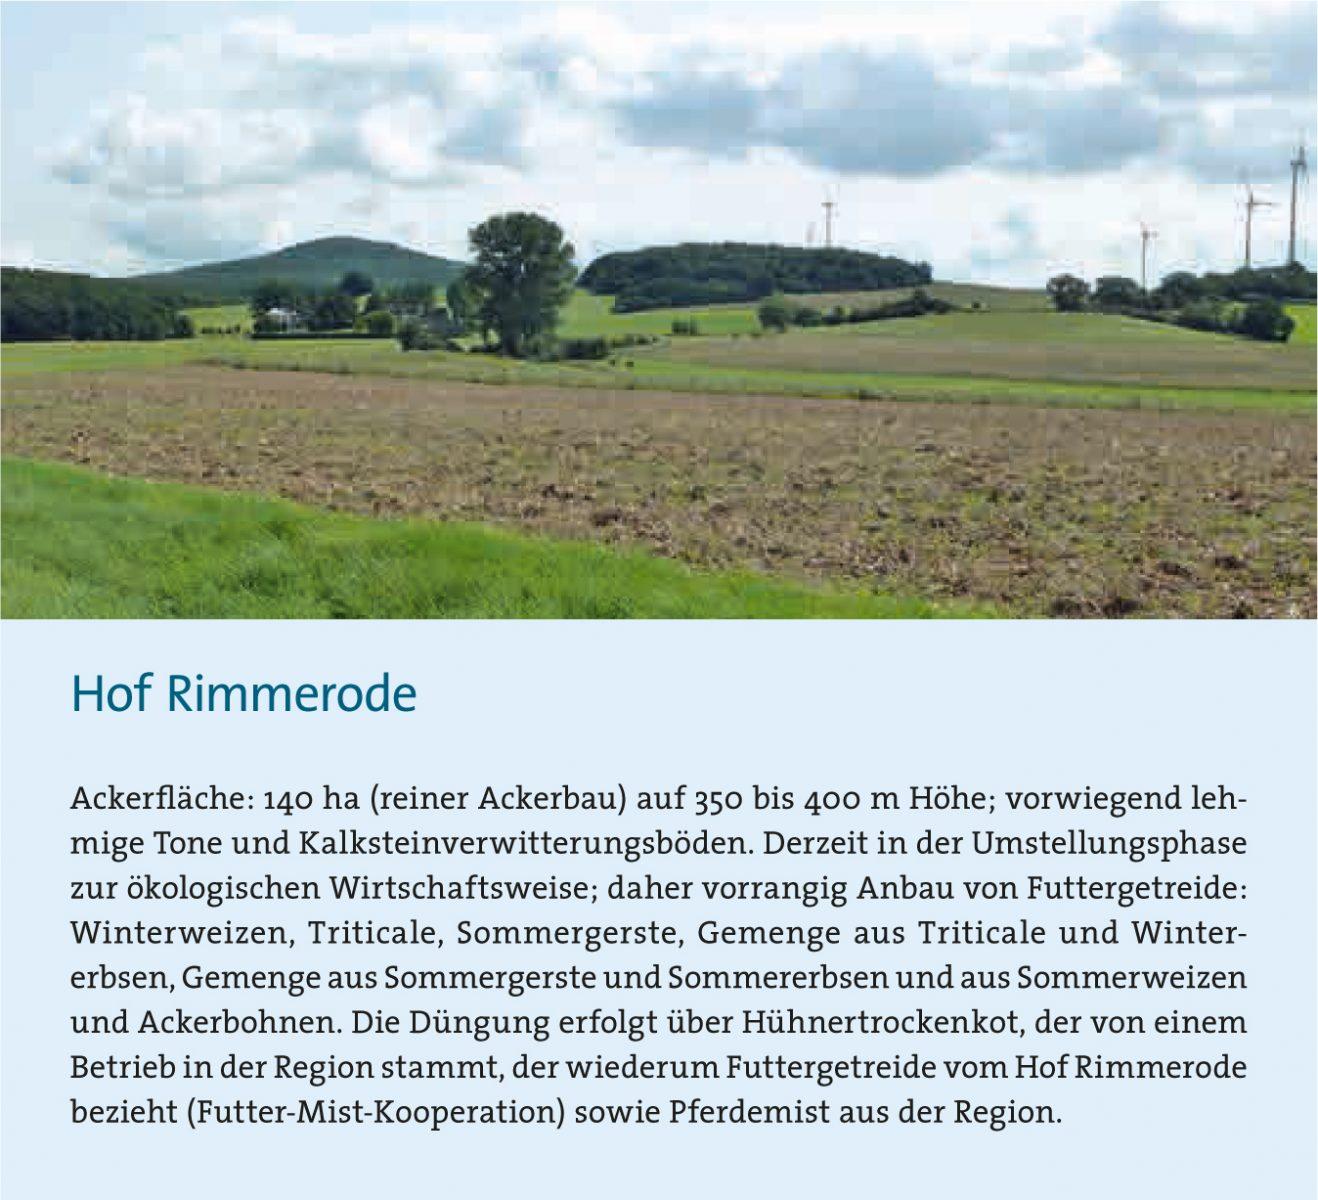 Hof Rimmerode